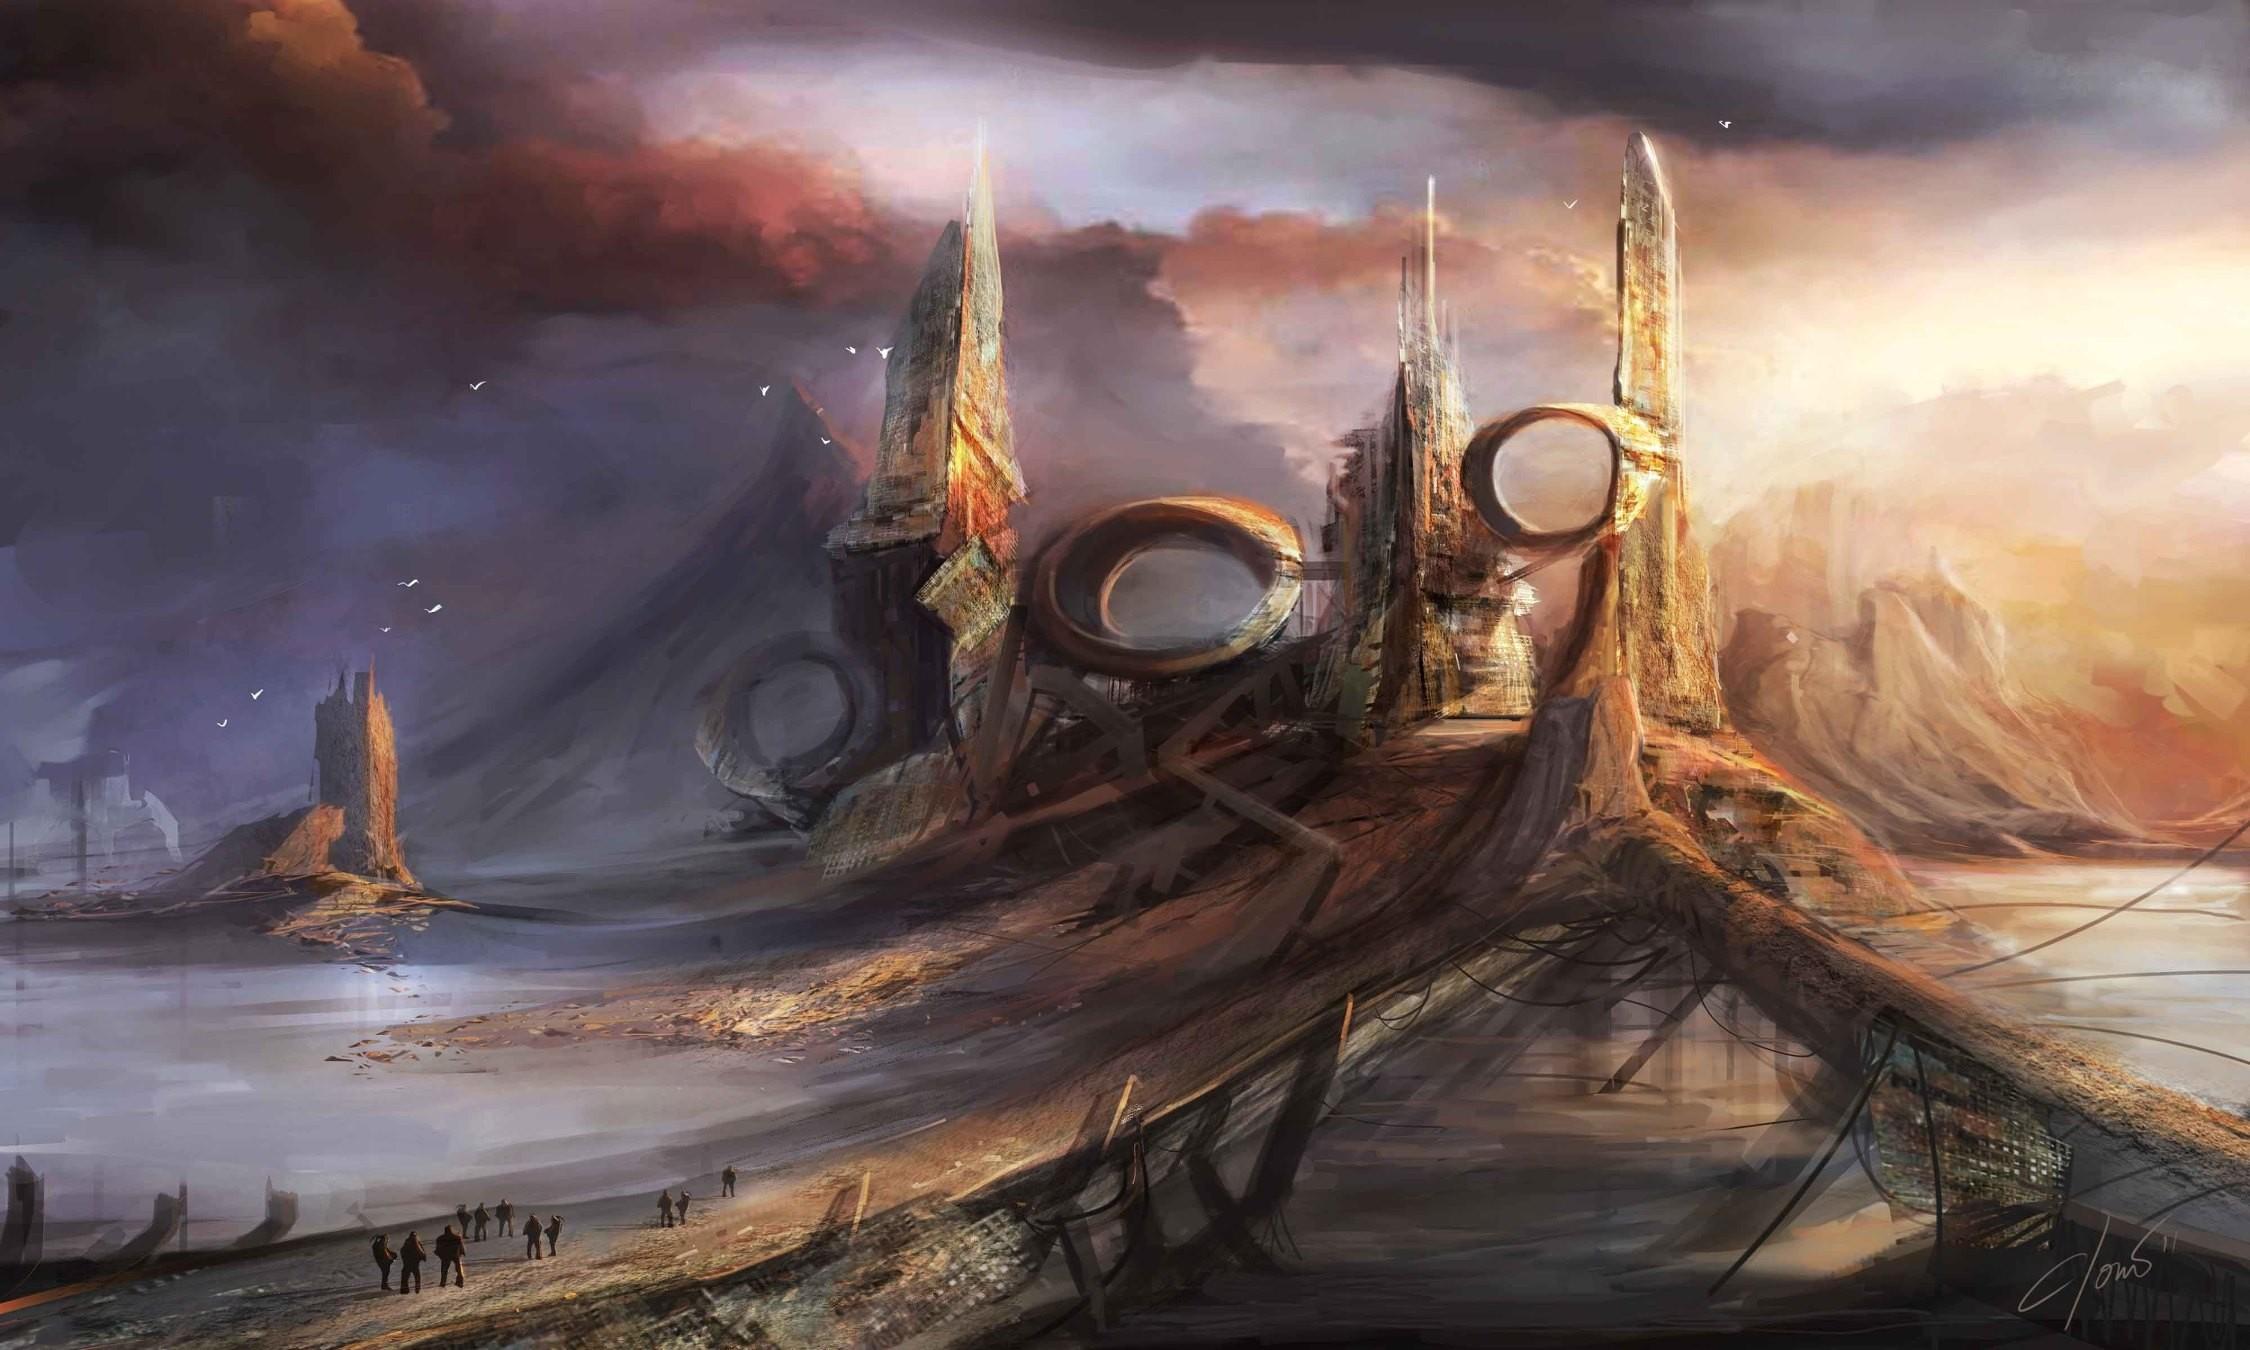 General 2250x1350 fantasy art artwork landscape sky